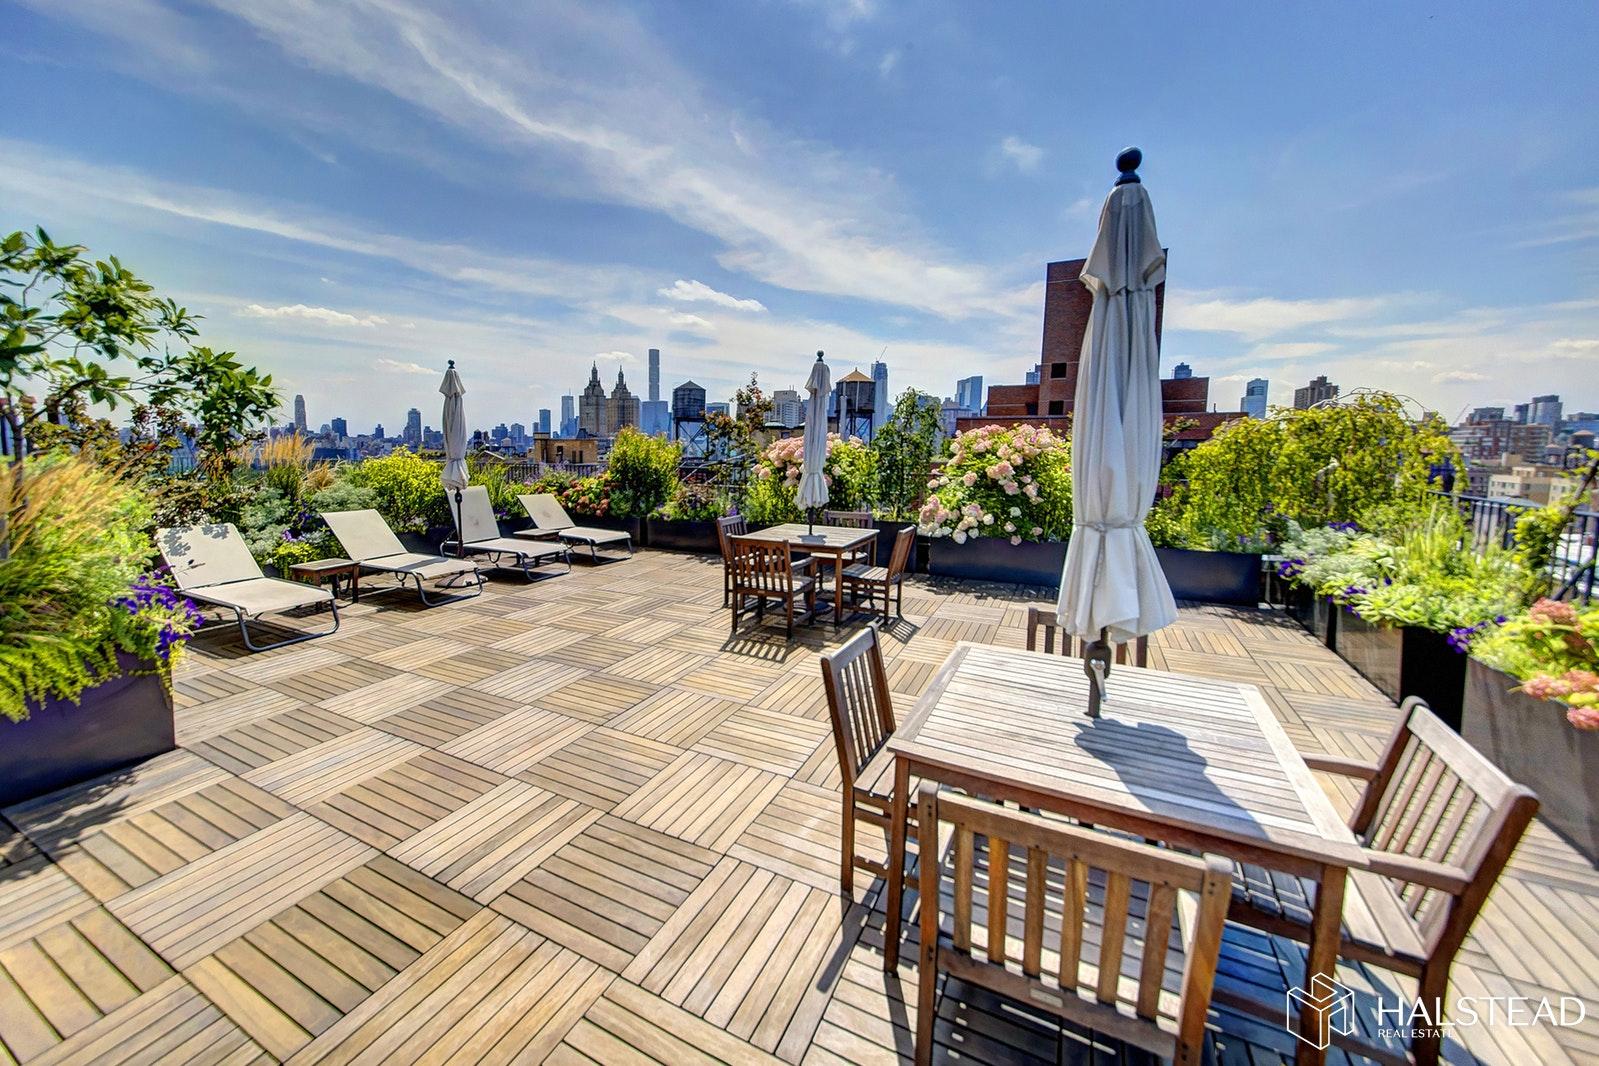 127 WEST 79TH STREET 8J, Upper West Side, $650,000, Web #: 19860330